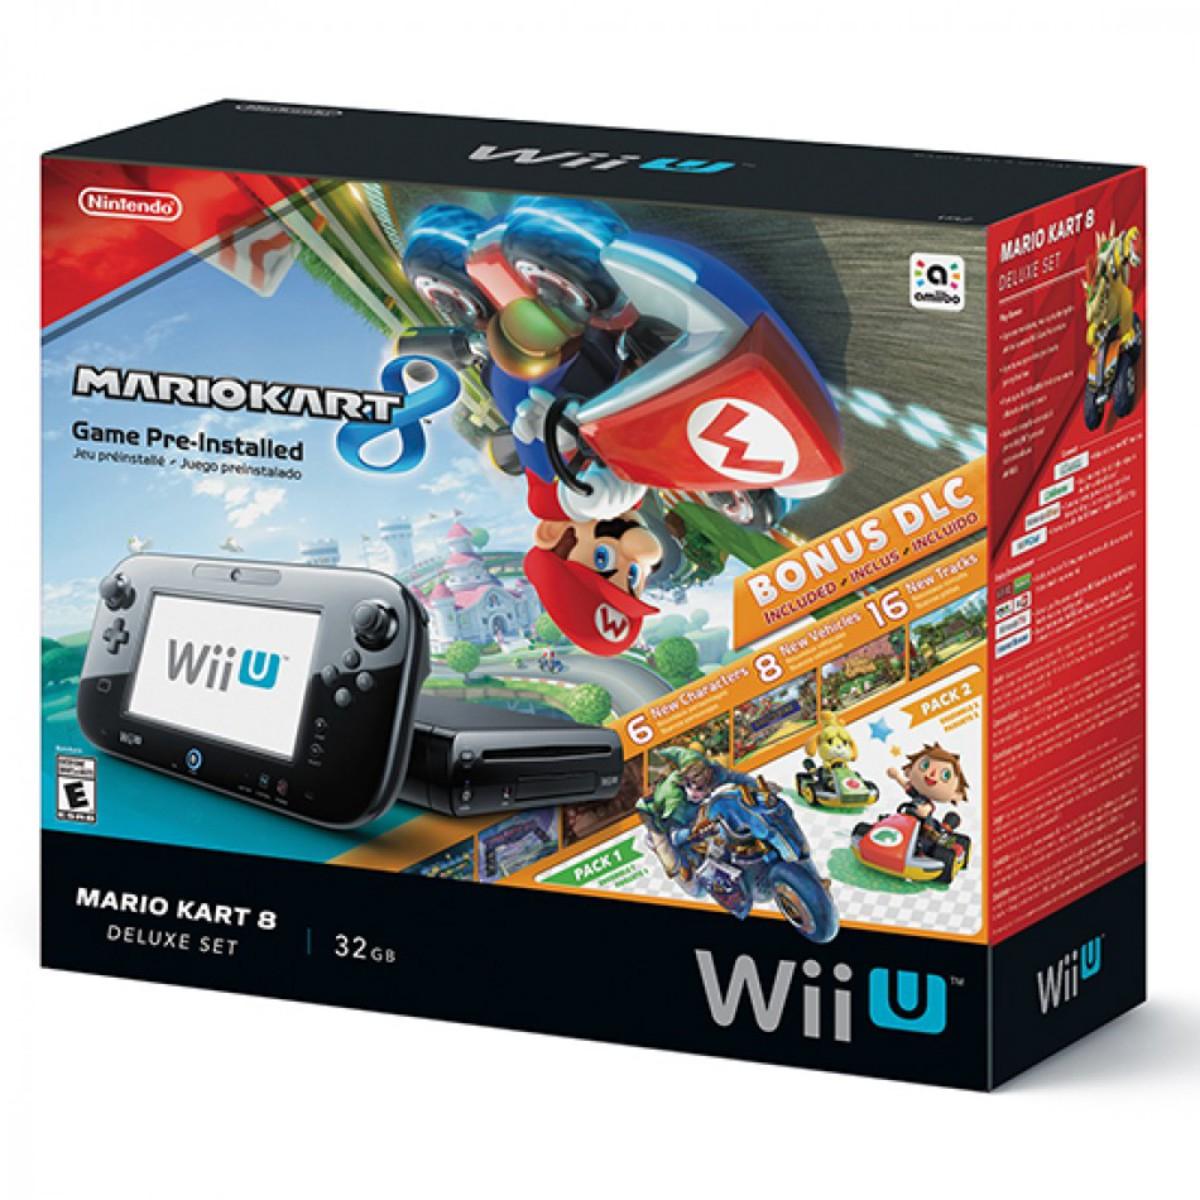 Chedraui Online: Wii U 32GB + Mario Kart 8 + Bonus DLC en $3,250